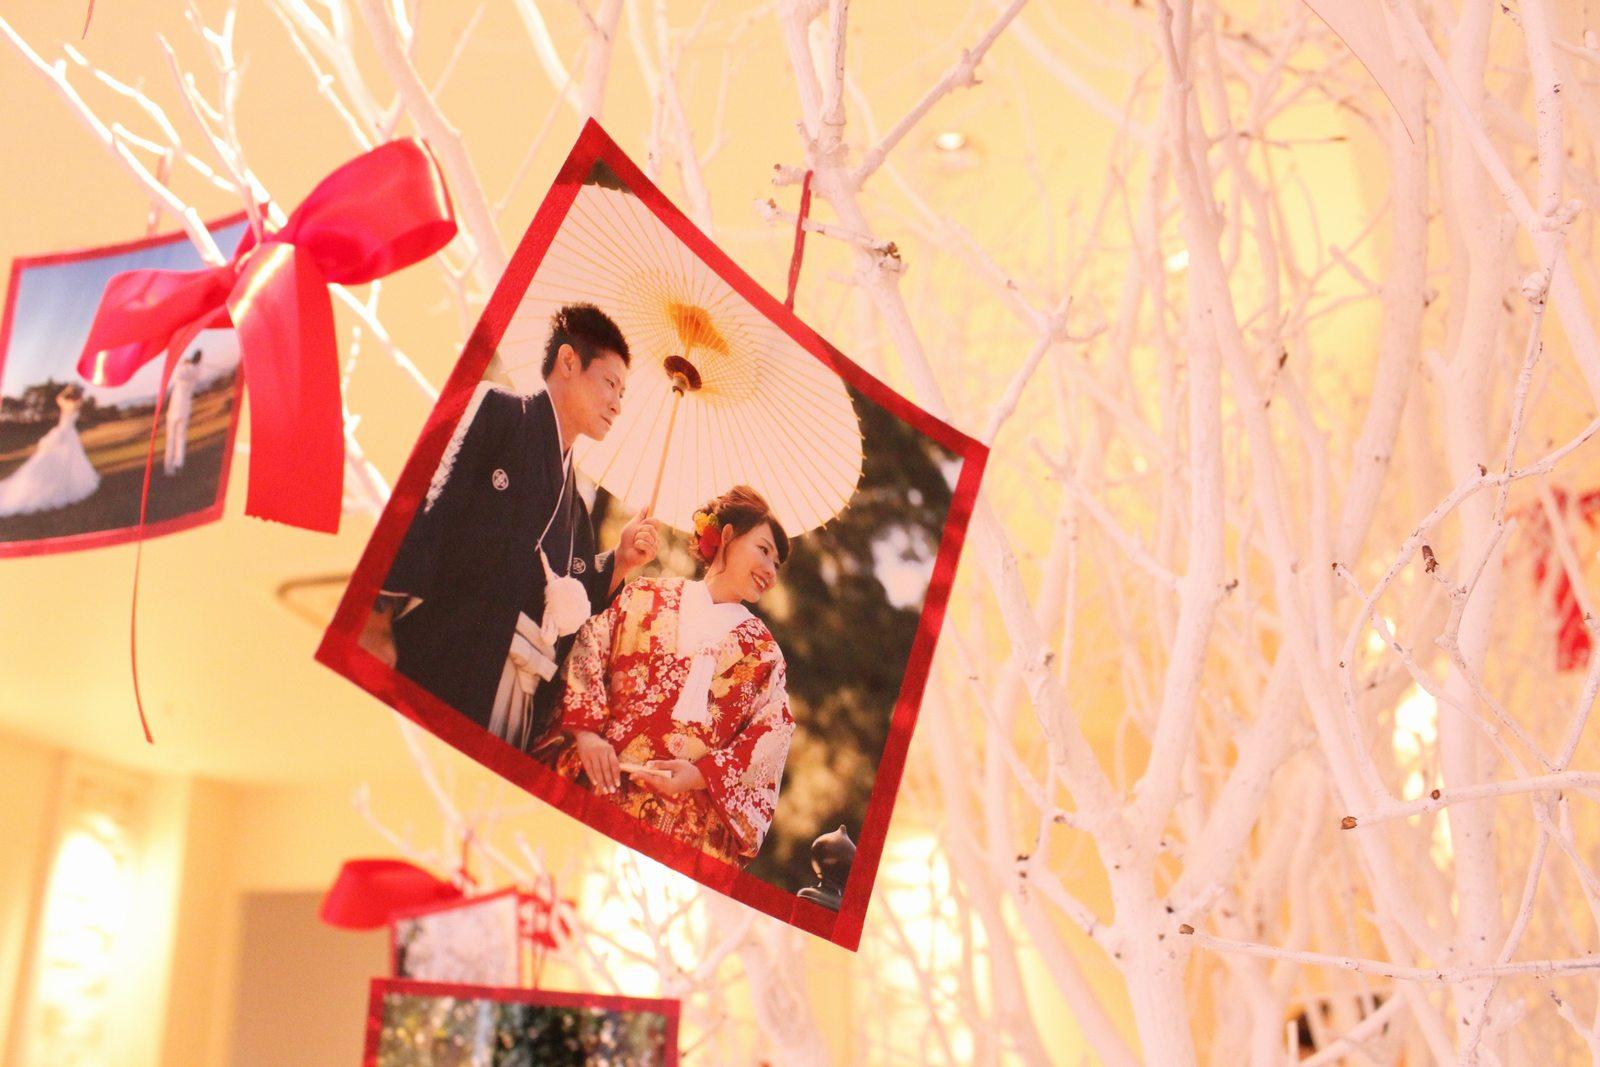 高松市の結婚式場アイルバレクラブのウエディングツリーに二人の写真を